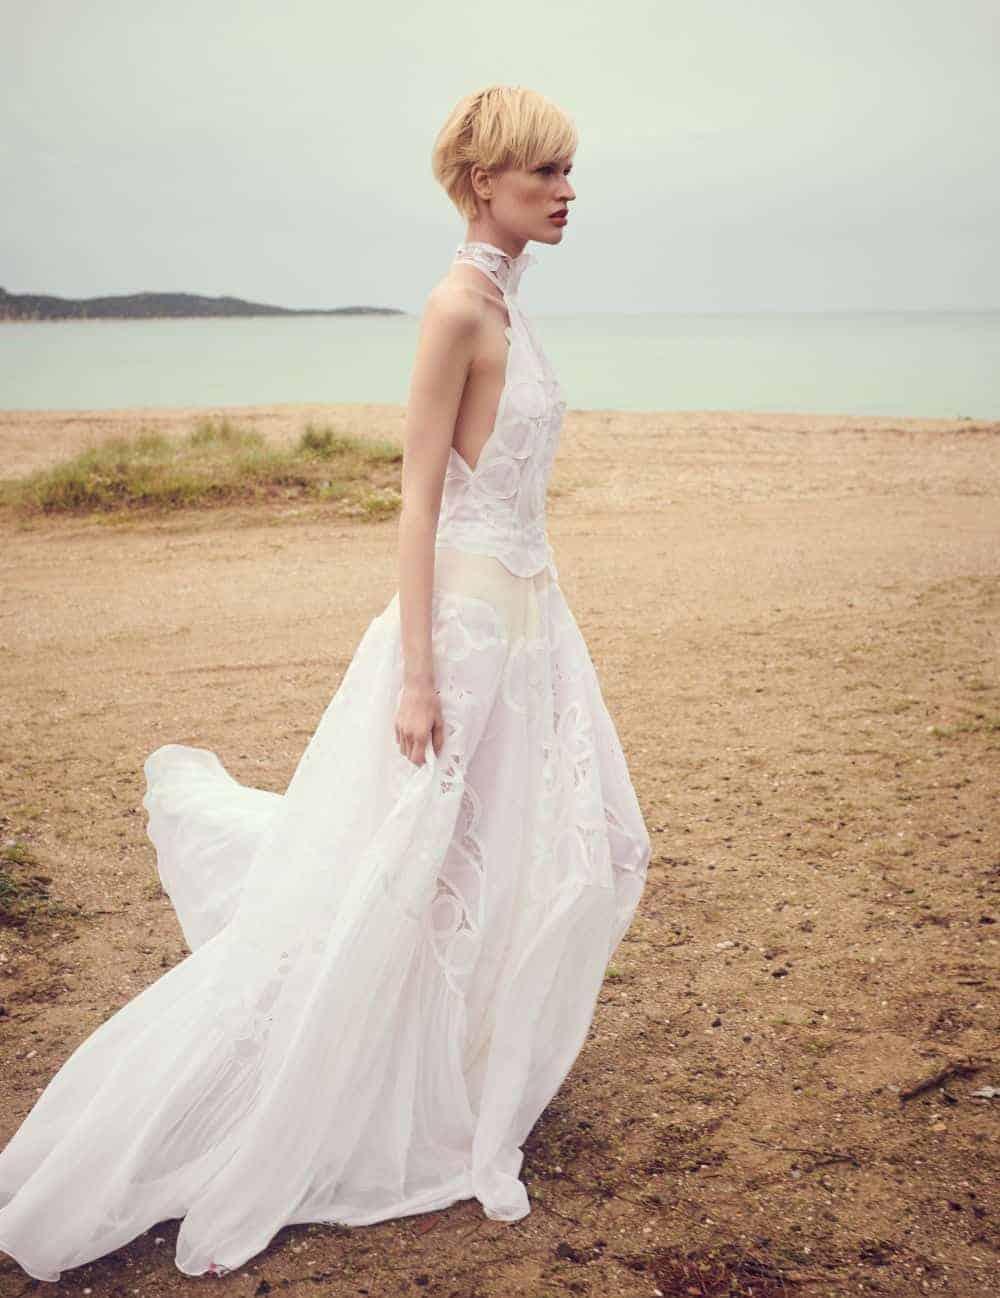 νυφικό φόρεμα με δαντέλα και κολλάρο από Costarello